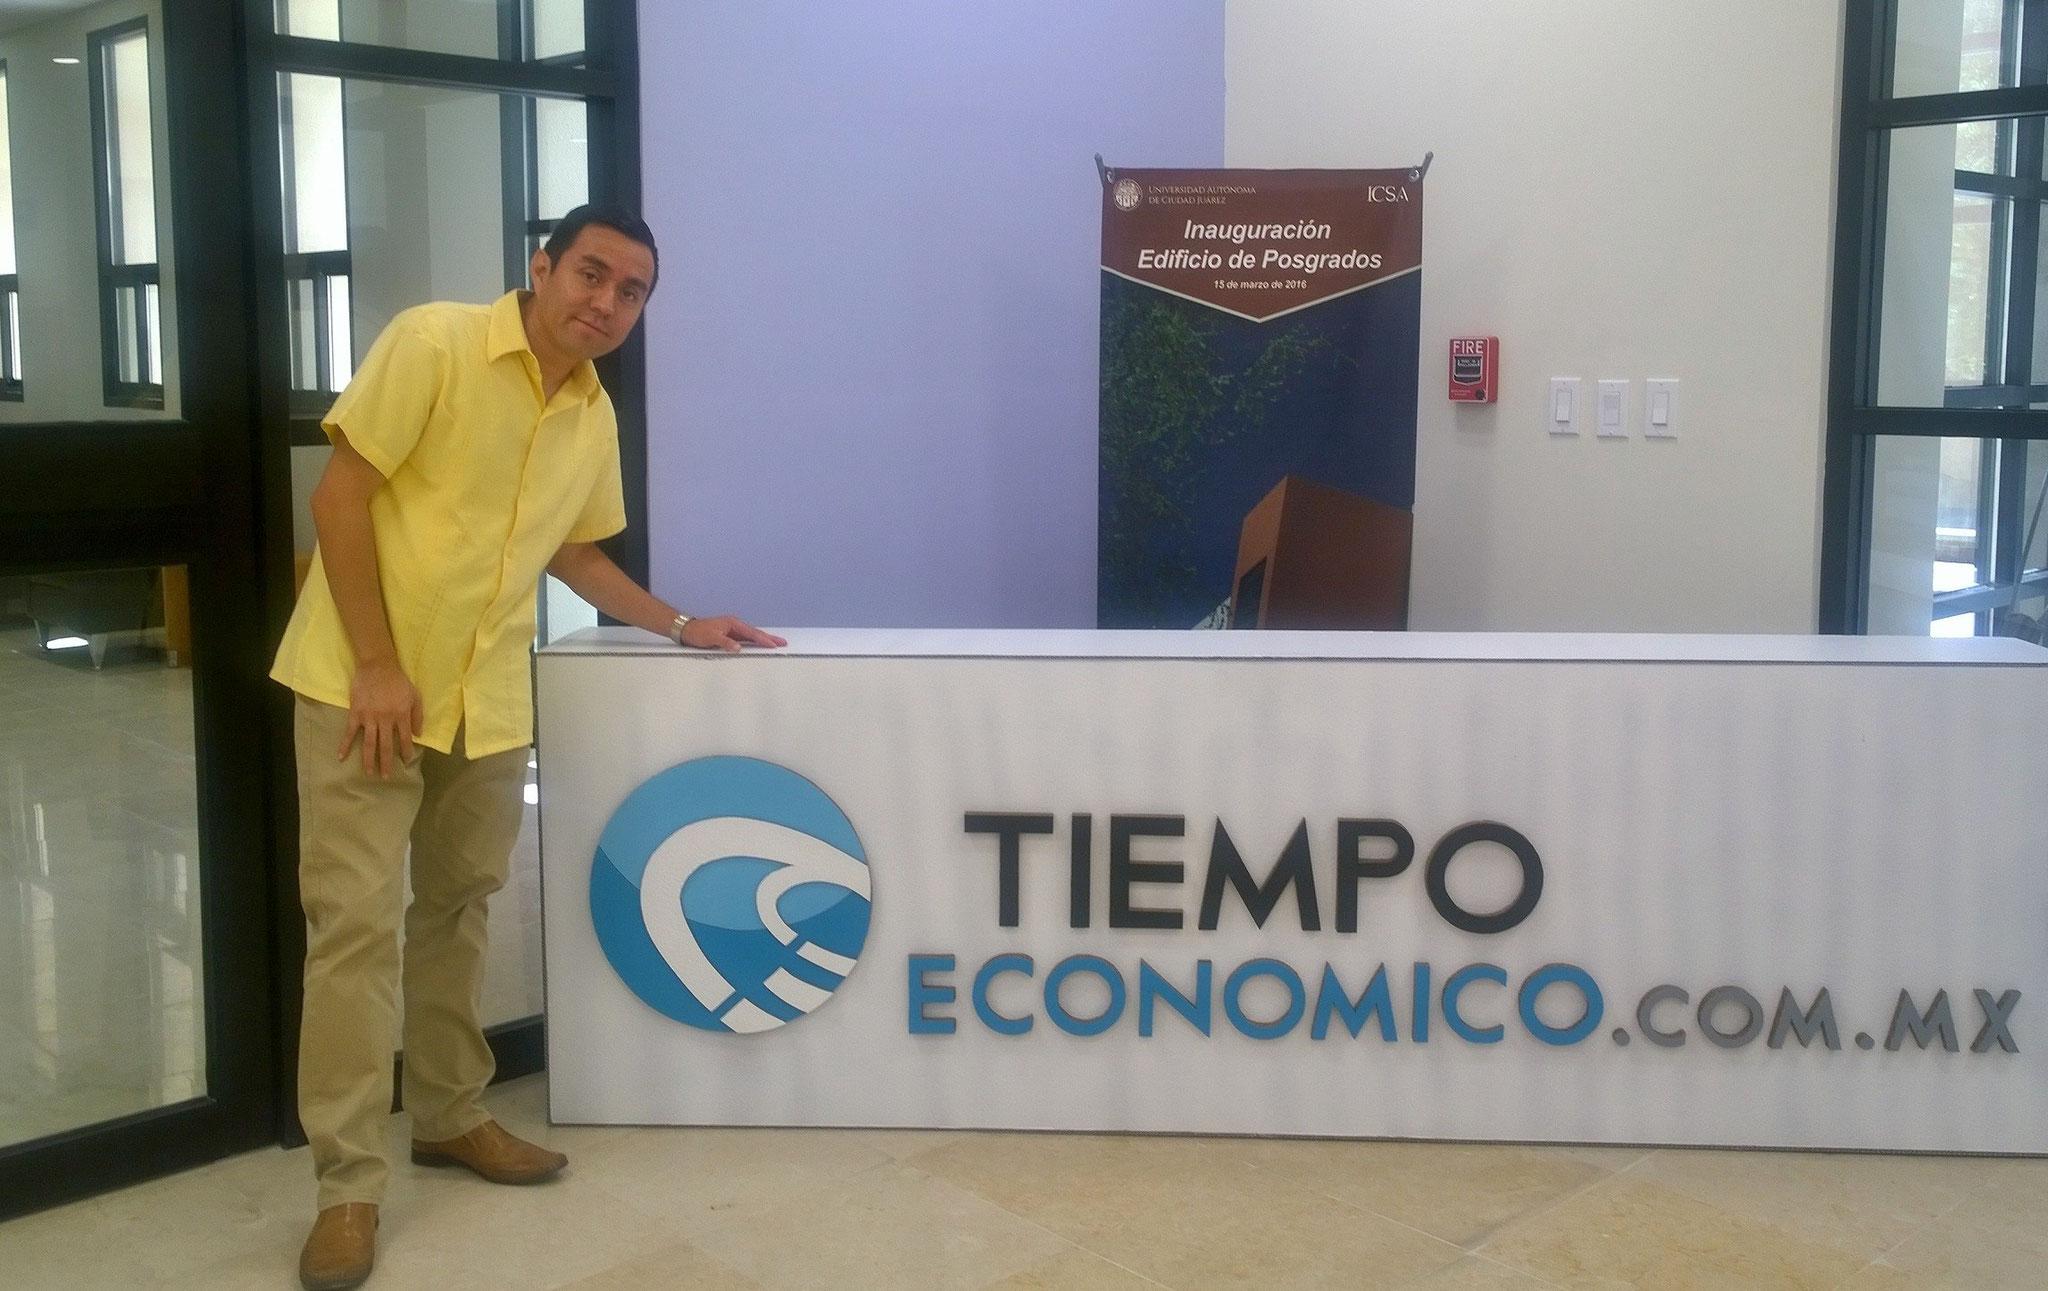 Promoción en la UACJ de Tiempo Económico, 2016.